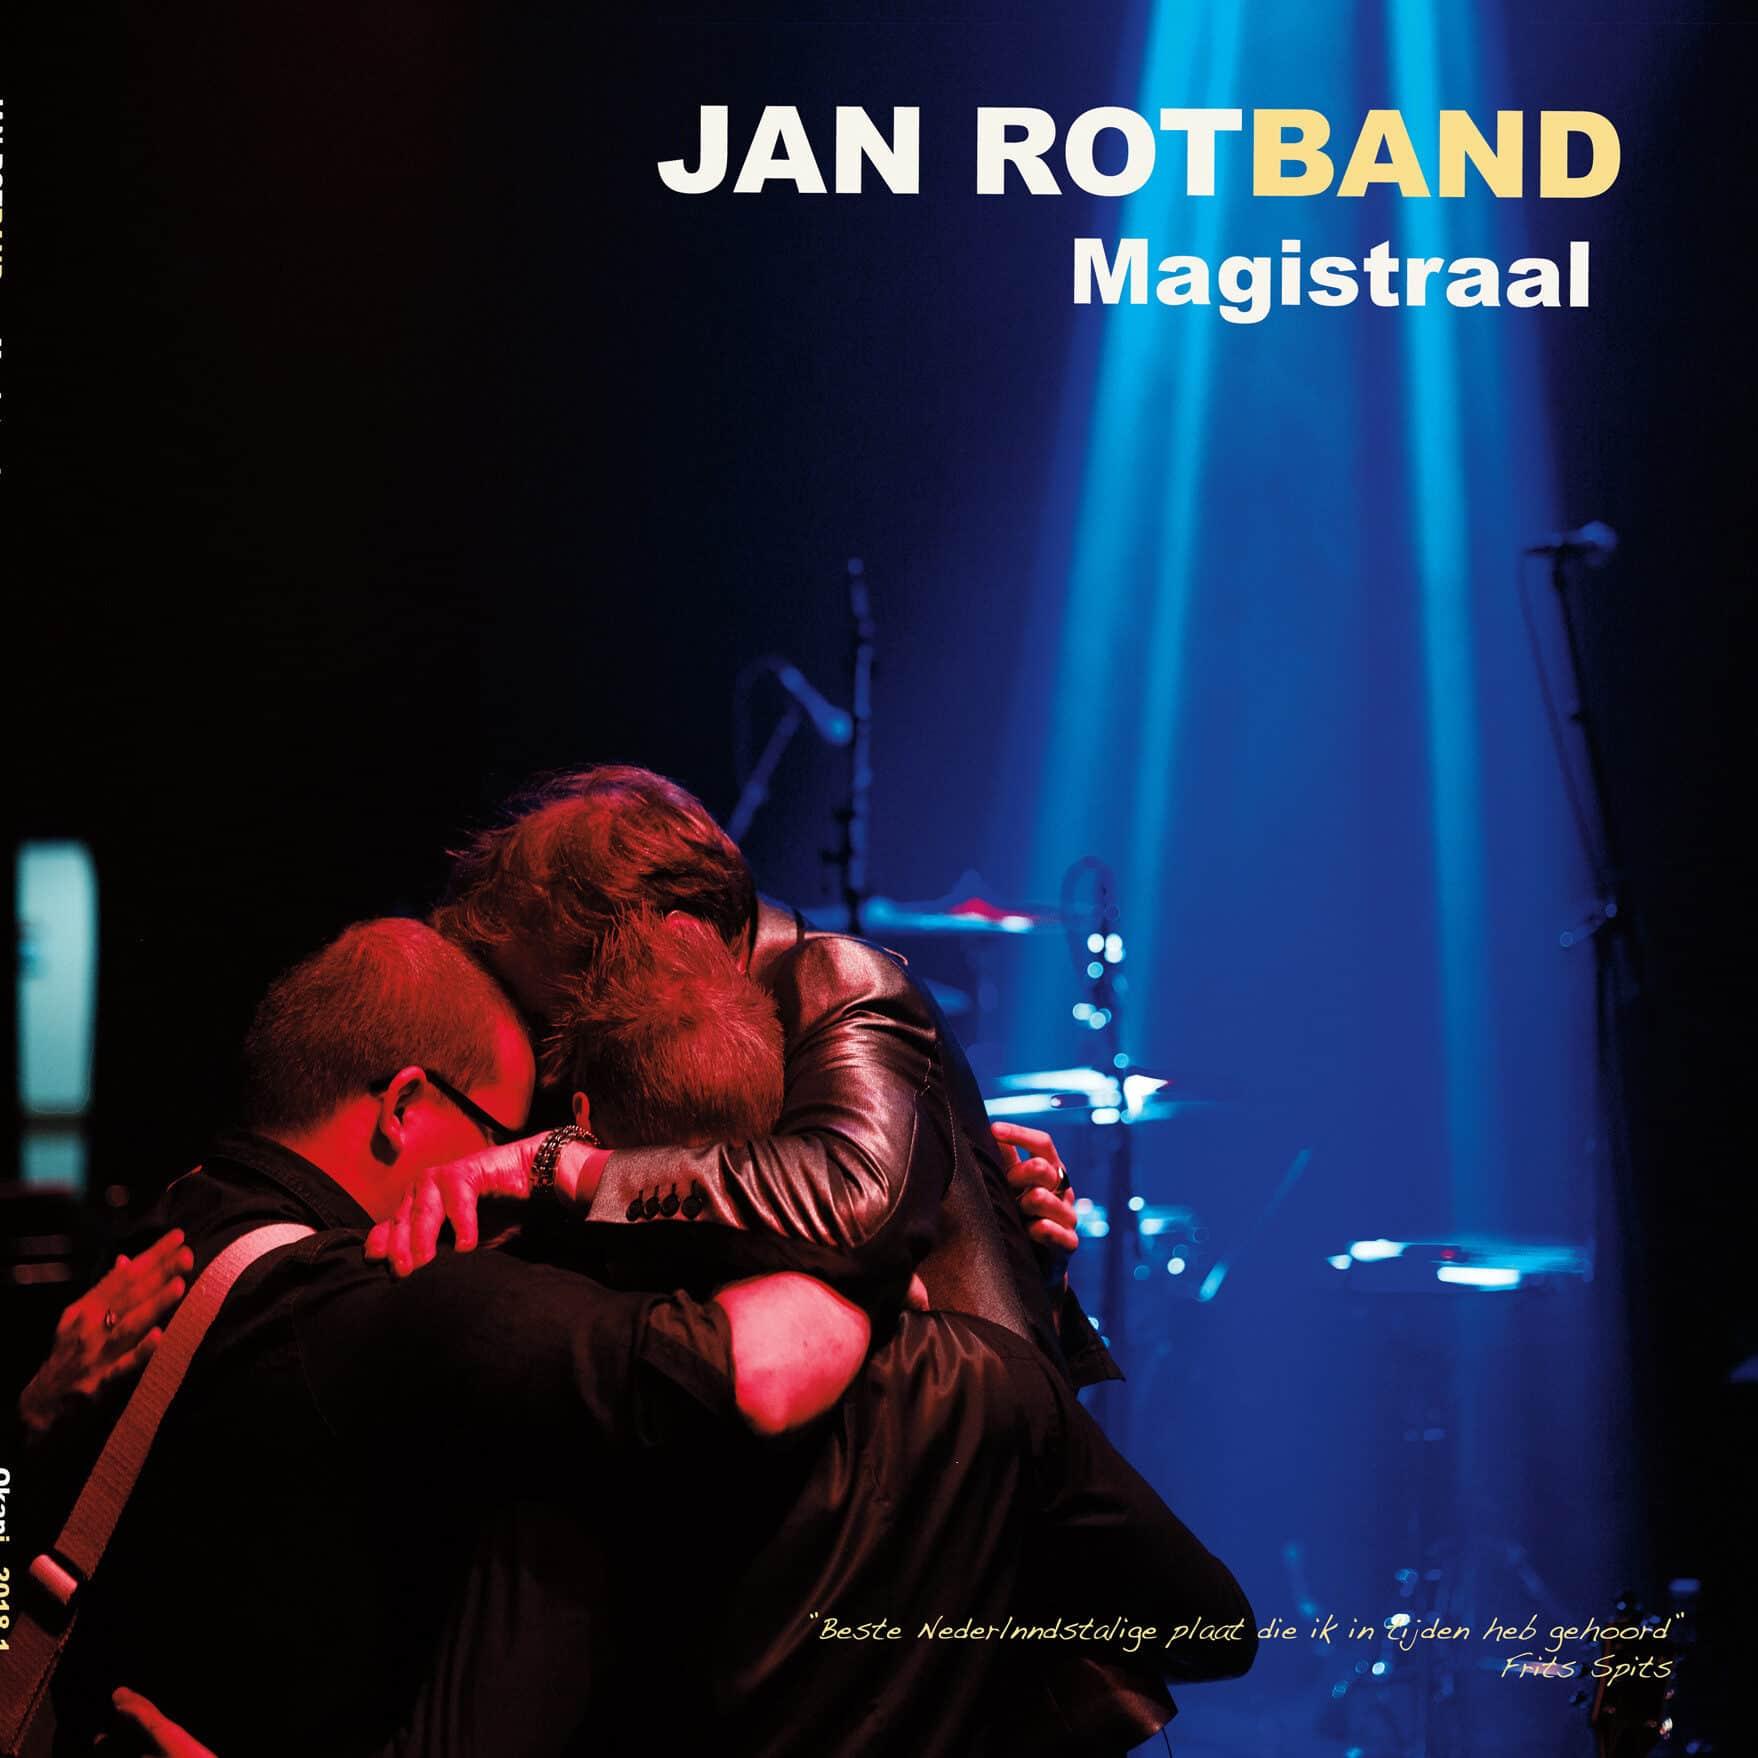 Jan Rot Band – Magistraal